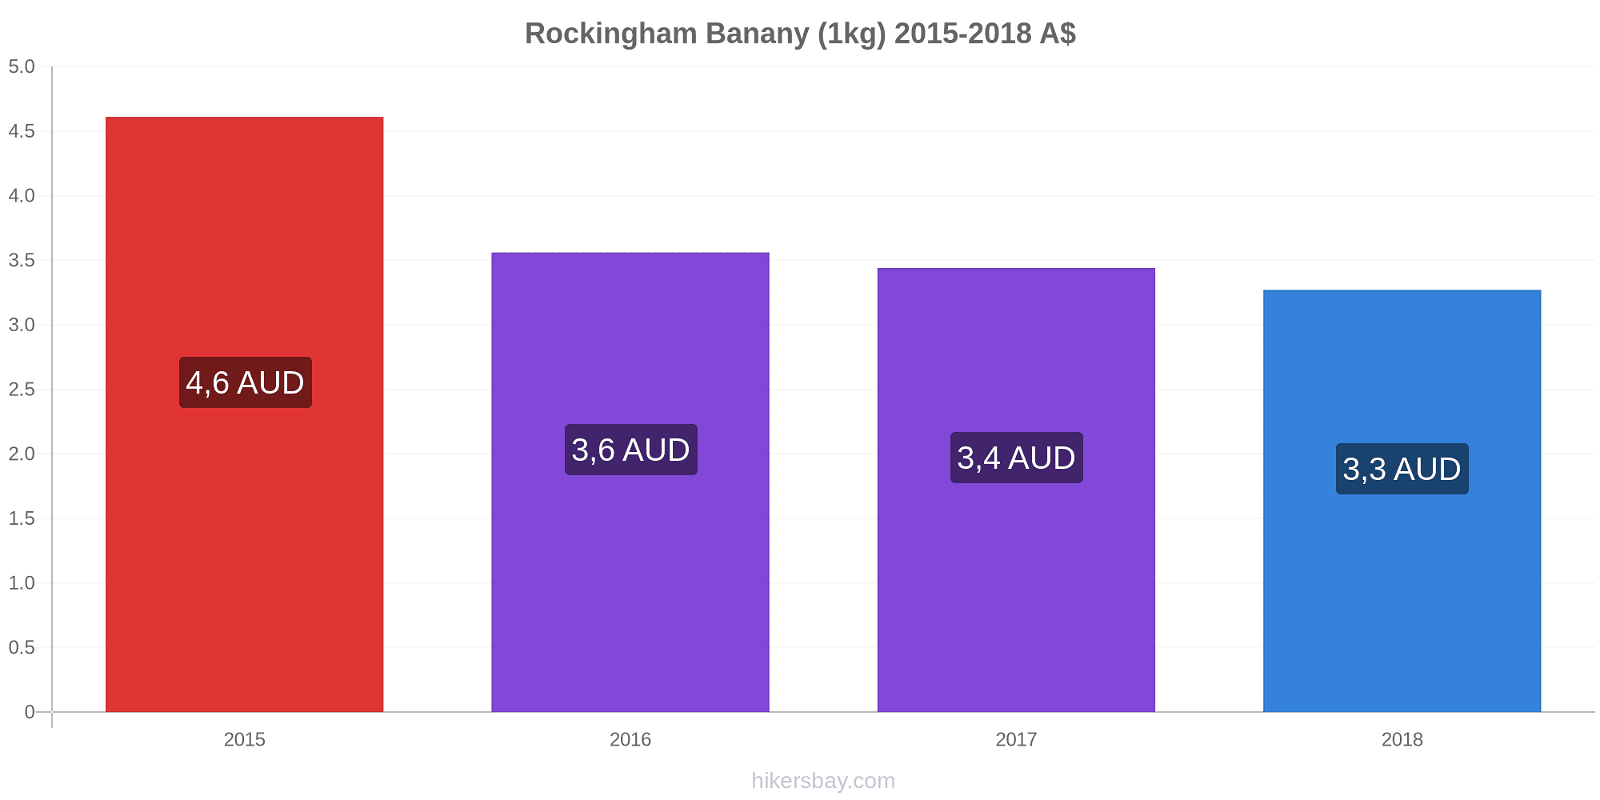 Rockingham zmiany cen Banany (1kg) hikersbay.com